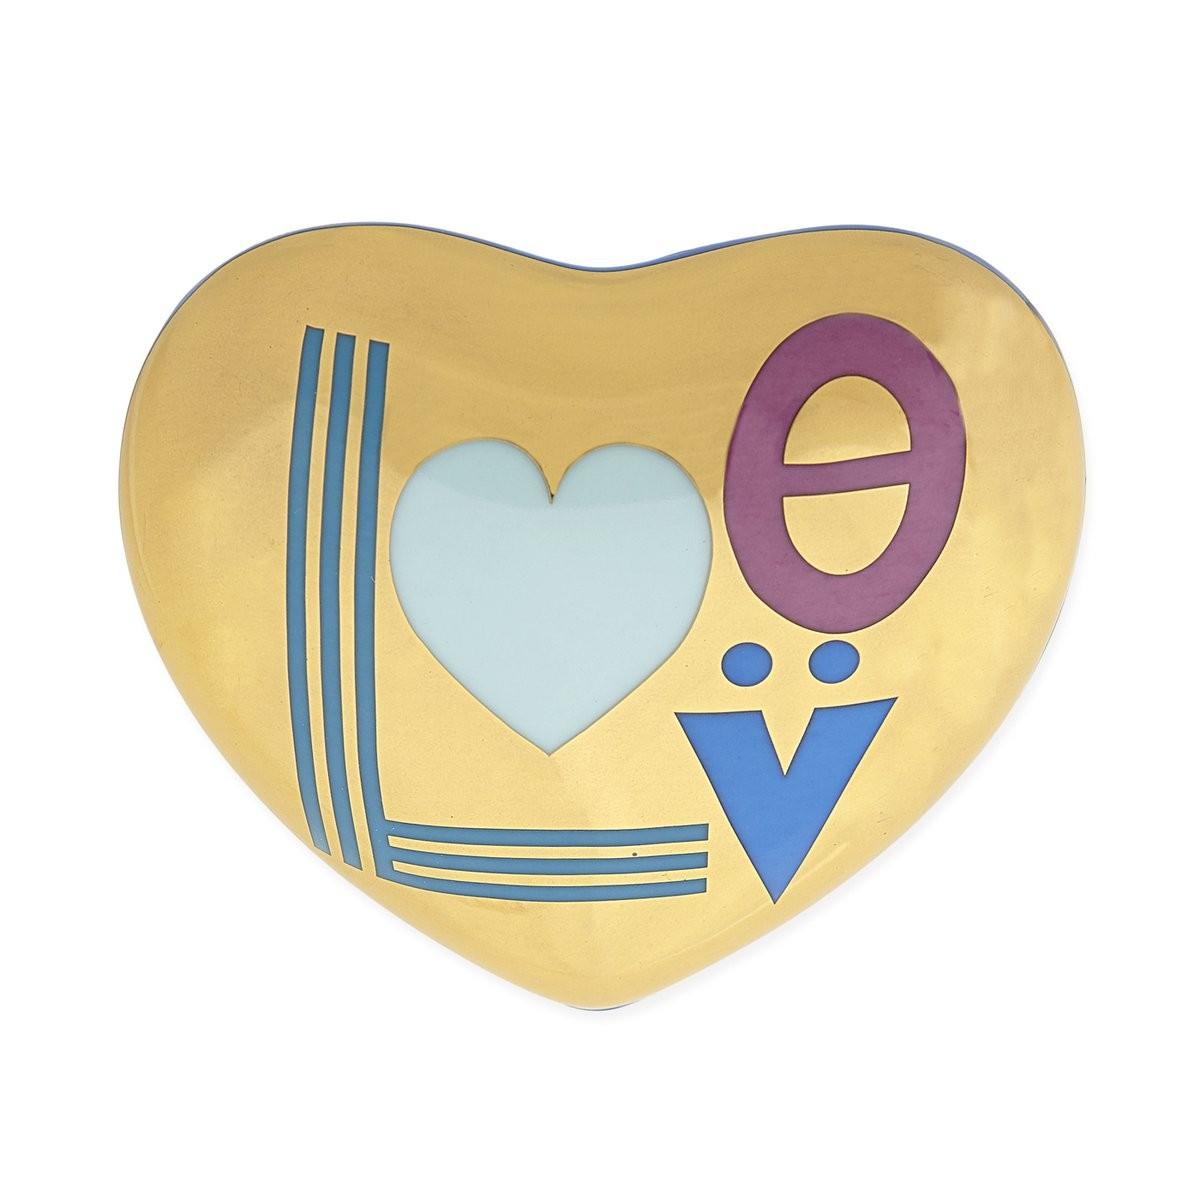 Jonathan Adler I Love Heart Box